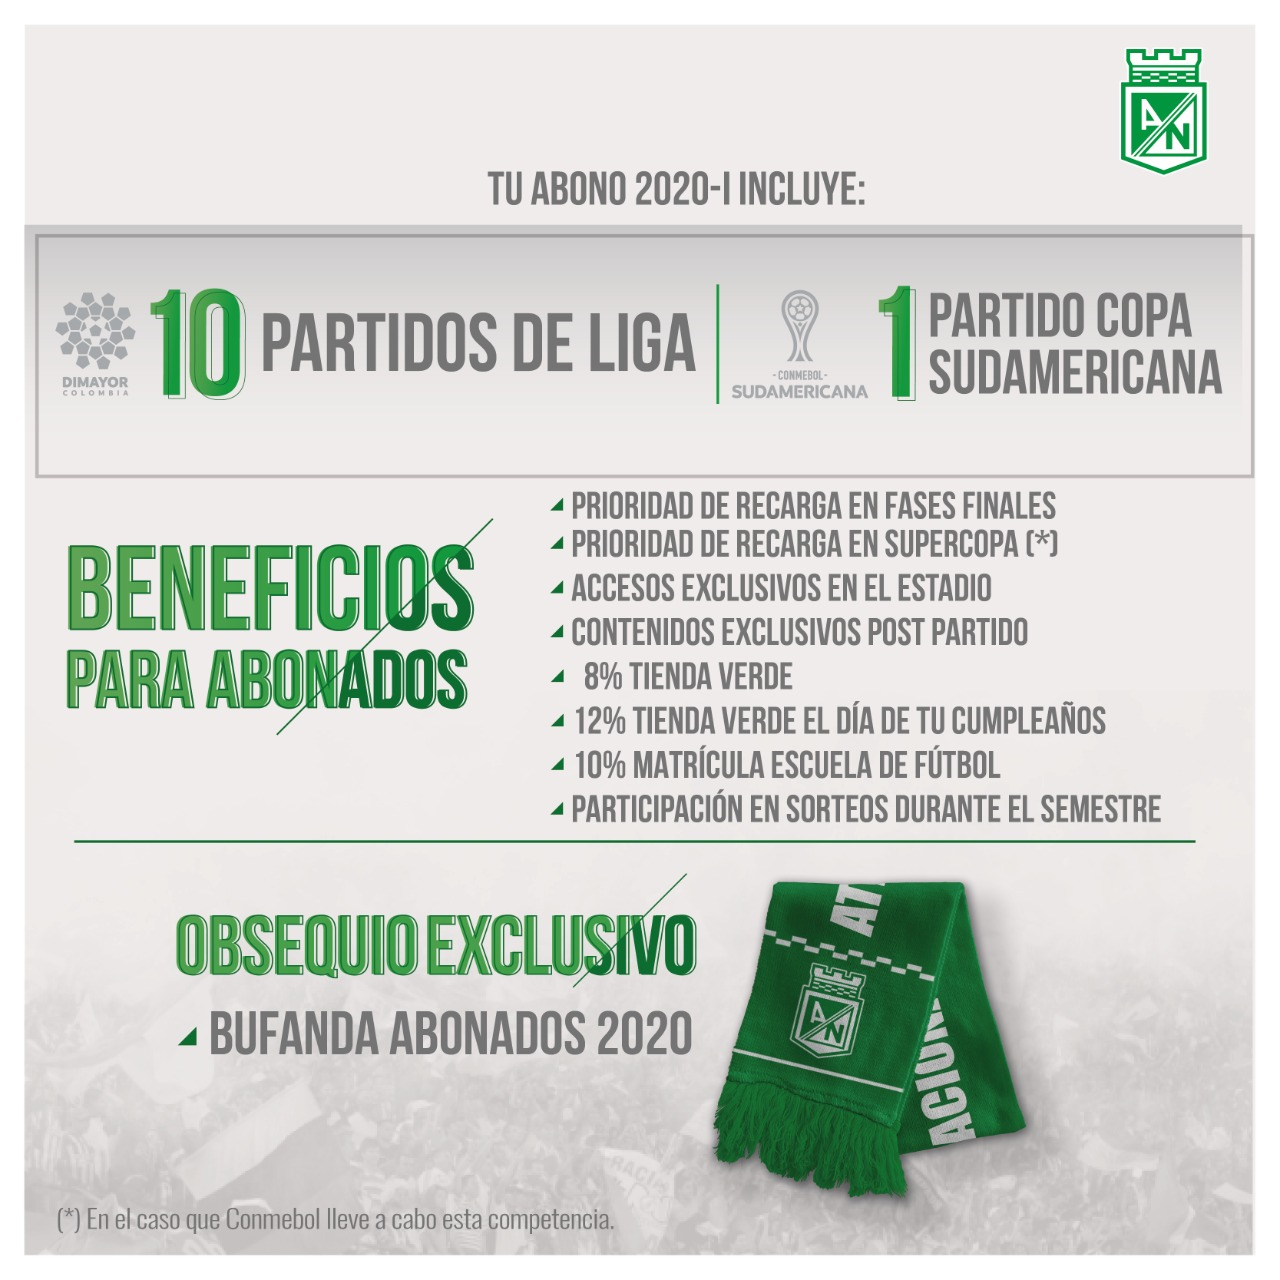 Atlético Nacional presenta su plan de abonados para el 2020